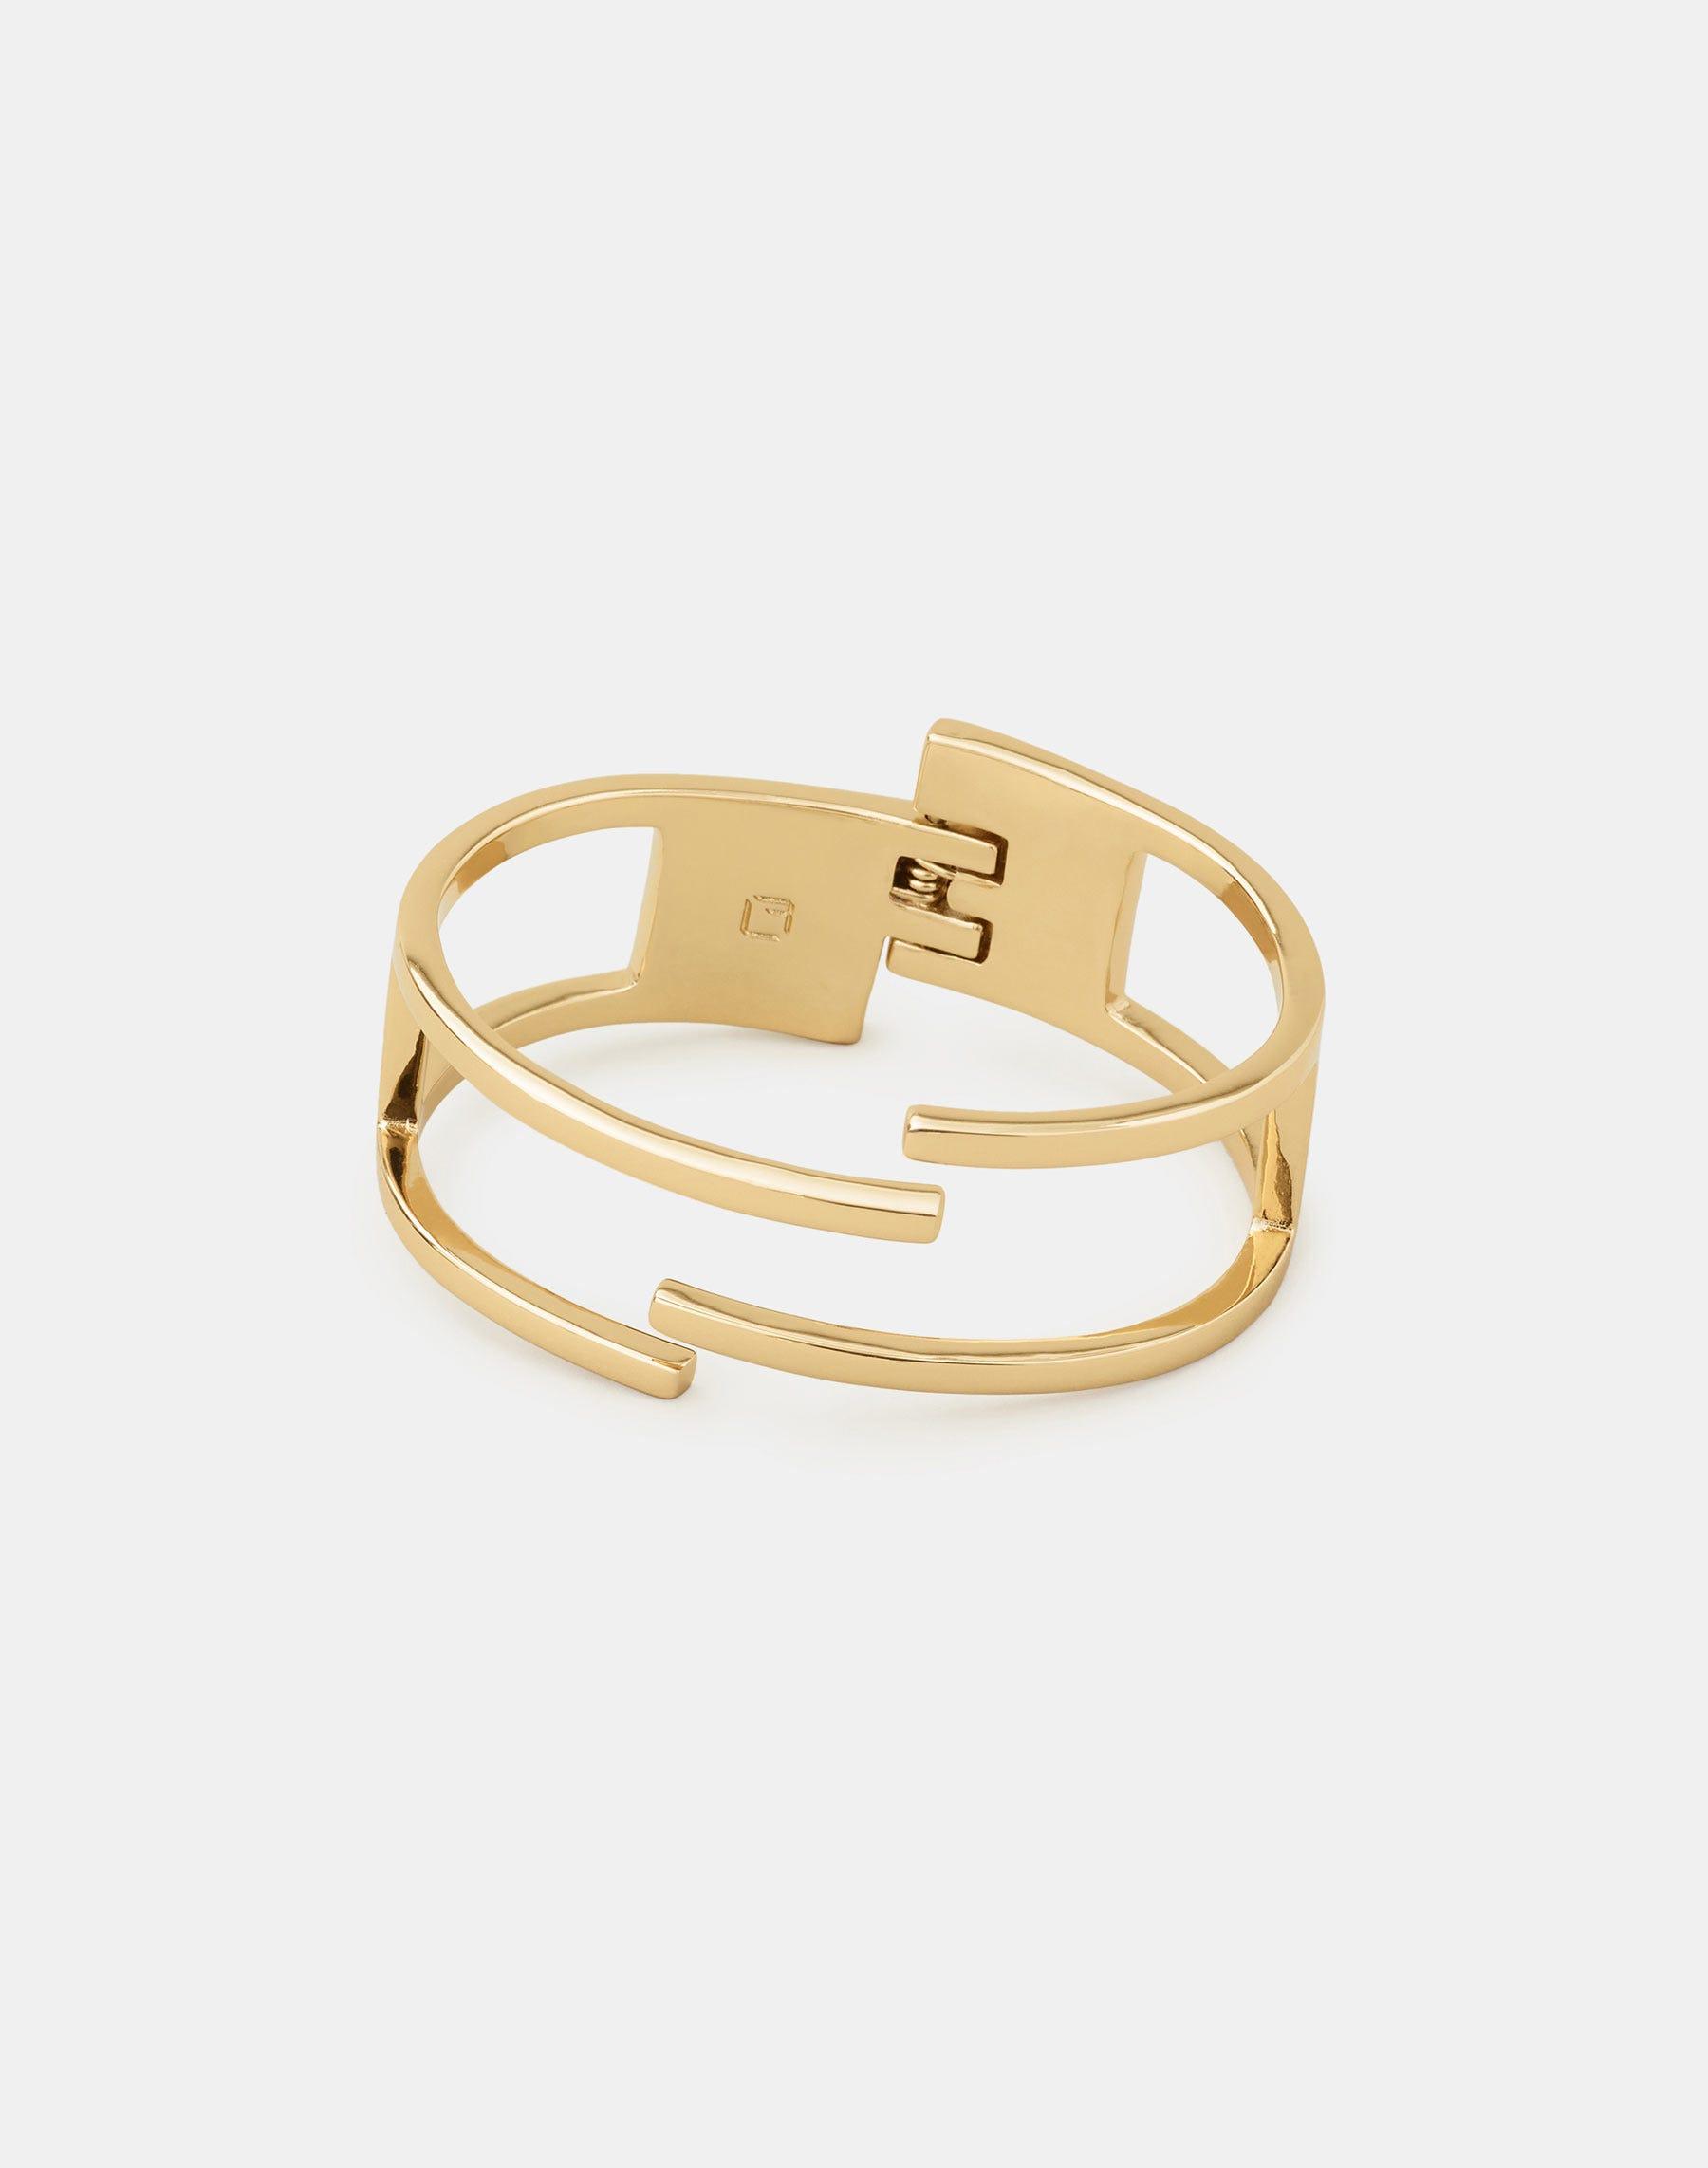 Lafayette 148 Interlinking Cuff Bracelet In Gold